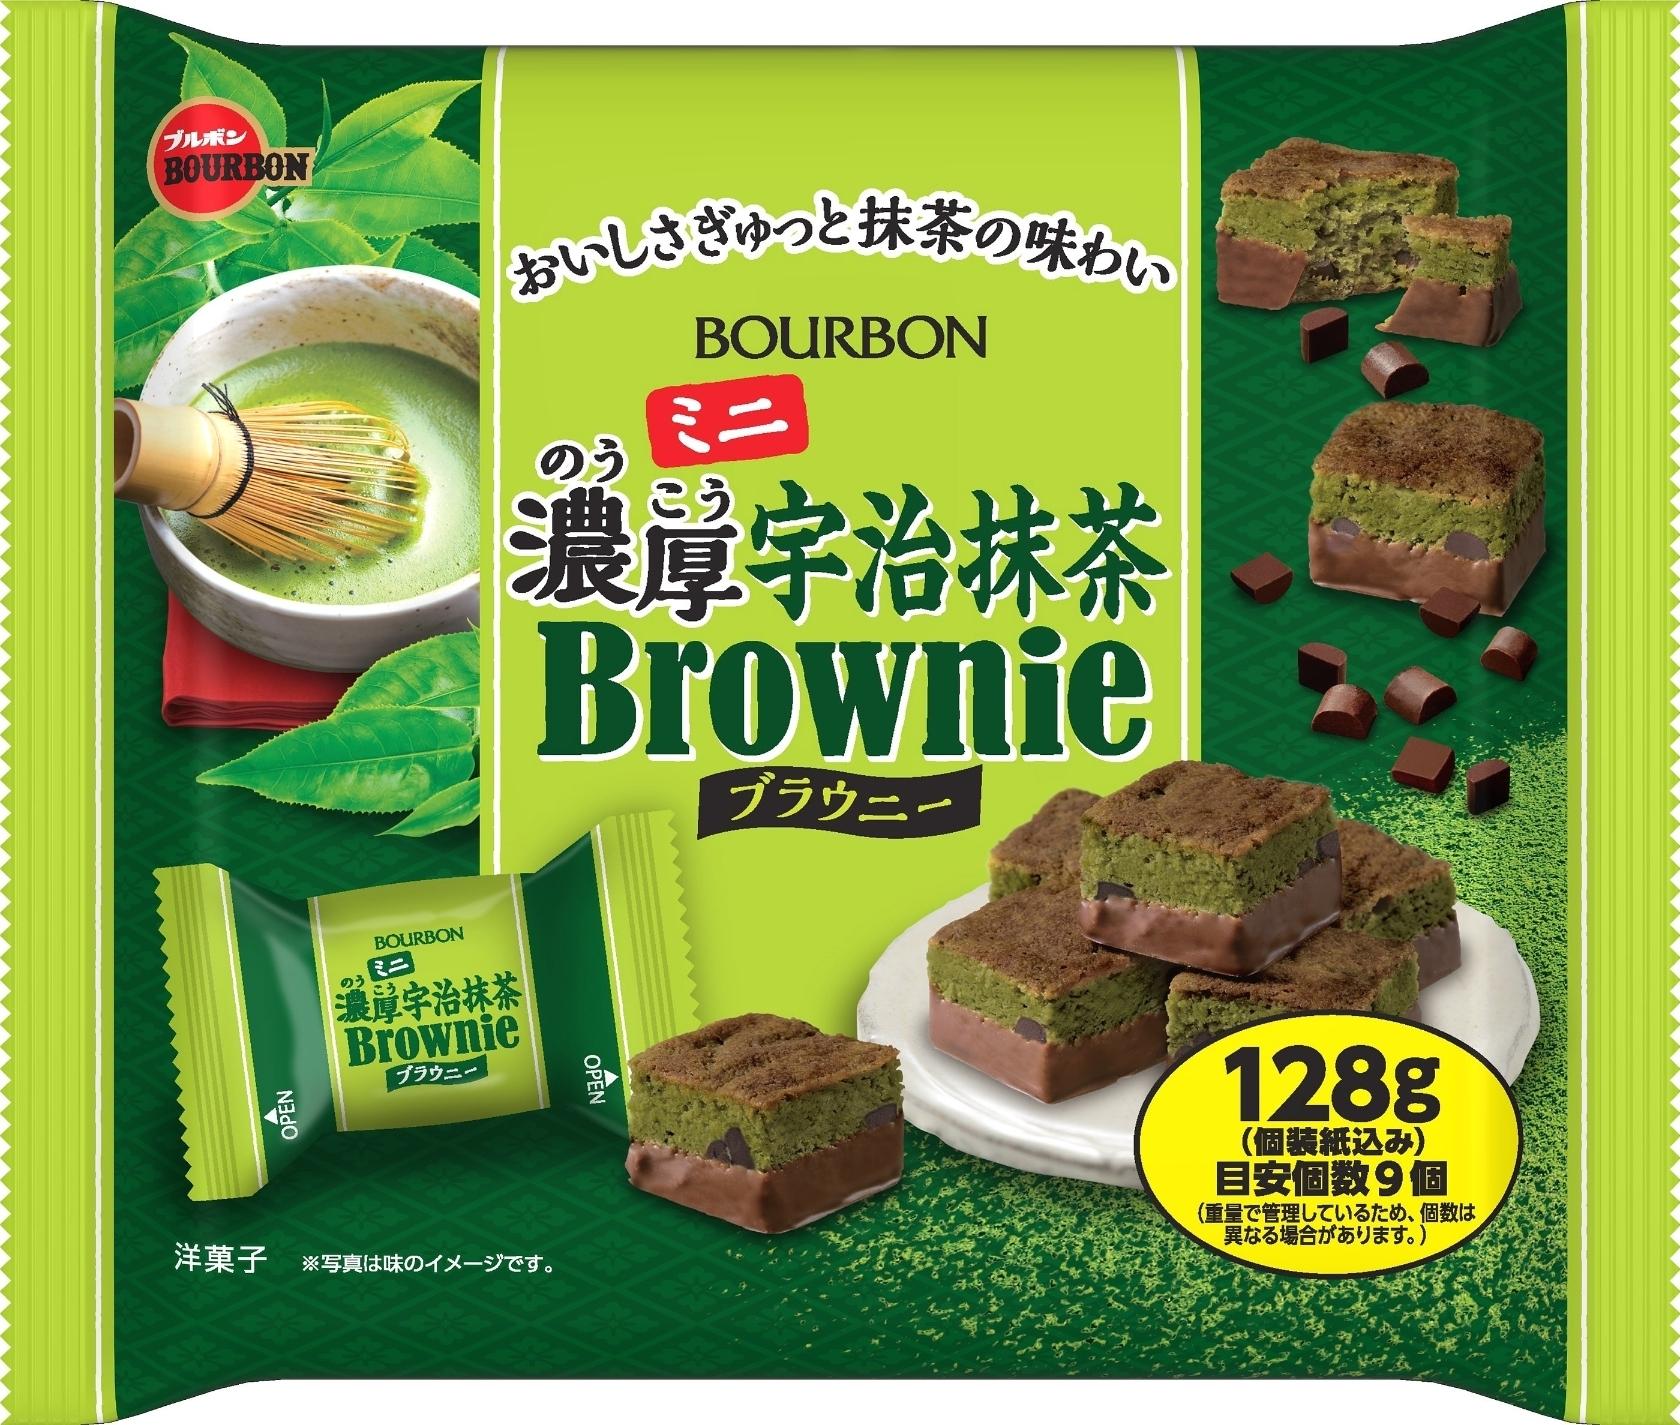 ブルボン ミニ濃厚宇治抹茶ブラウニー 袋128g